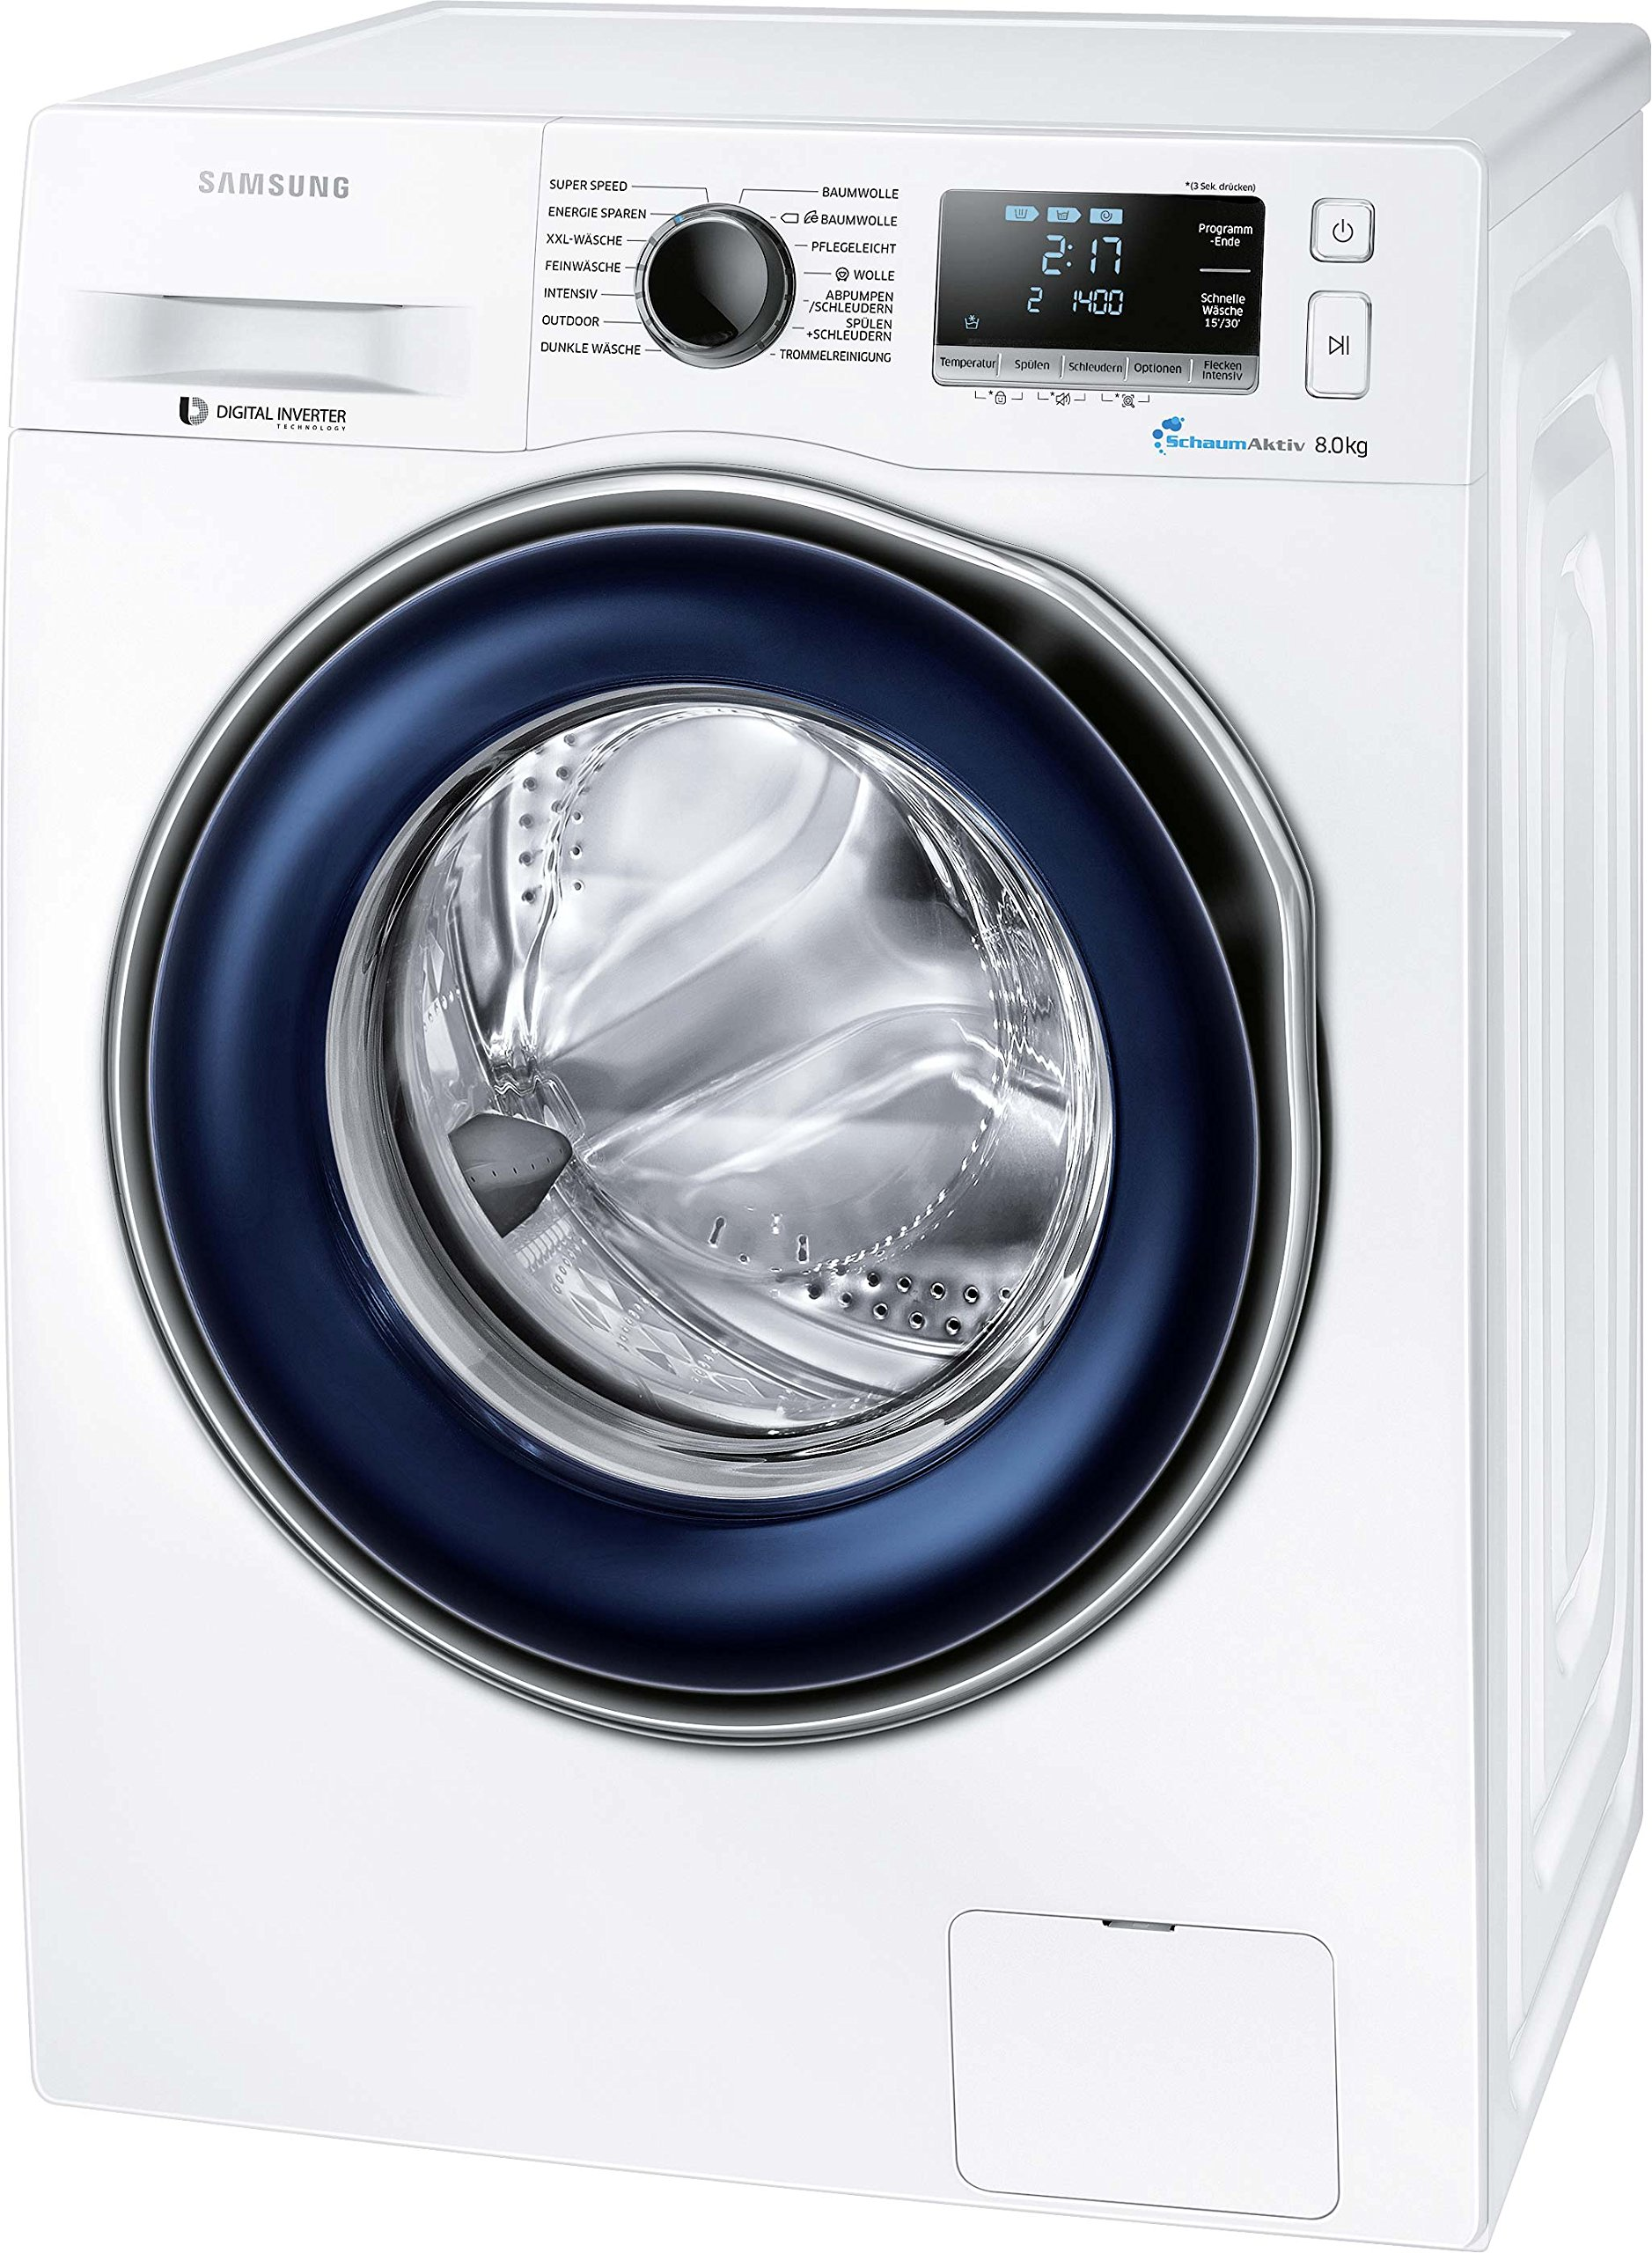 Samsung-WaschmaschineAFrontlader1400-UpM-8-kgSchaumAktivTrommelreinigung